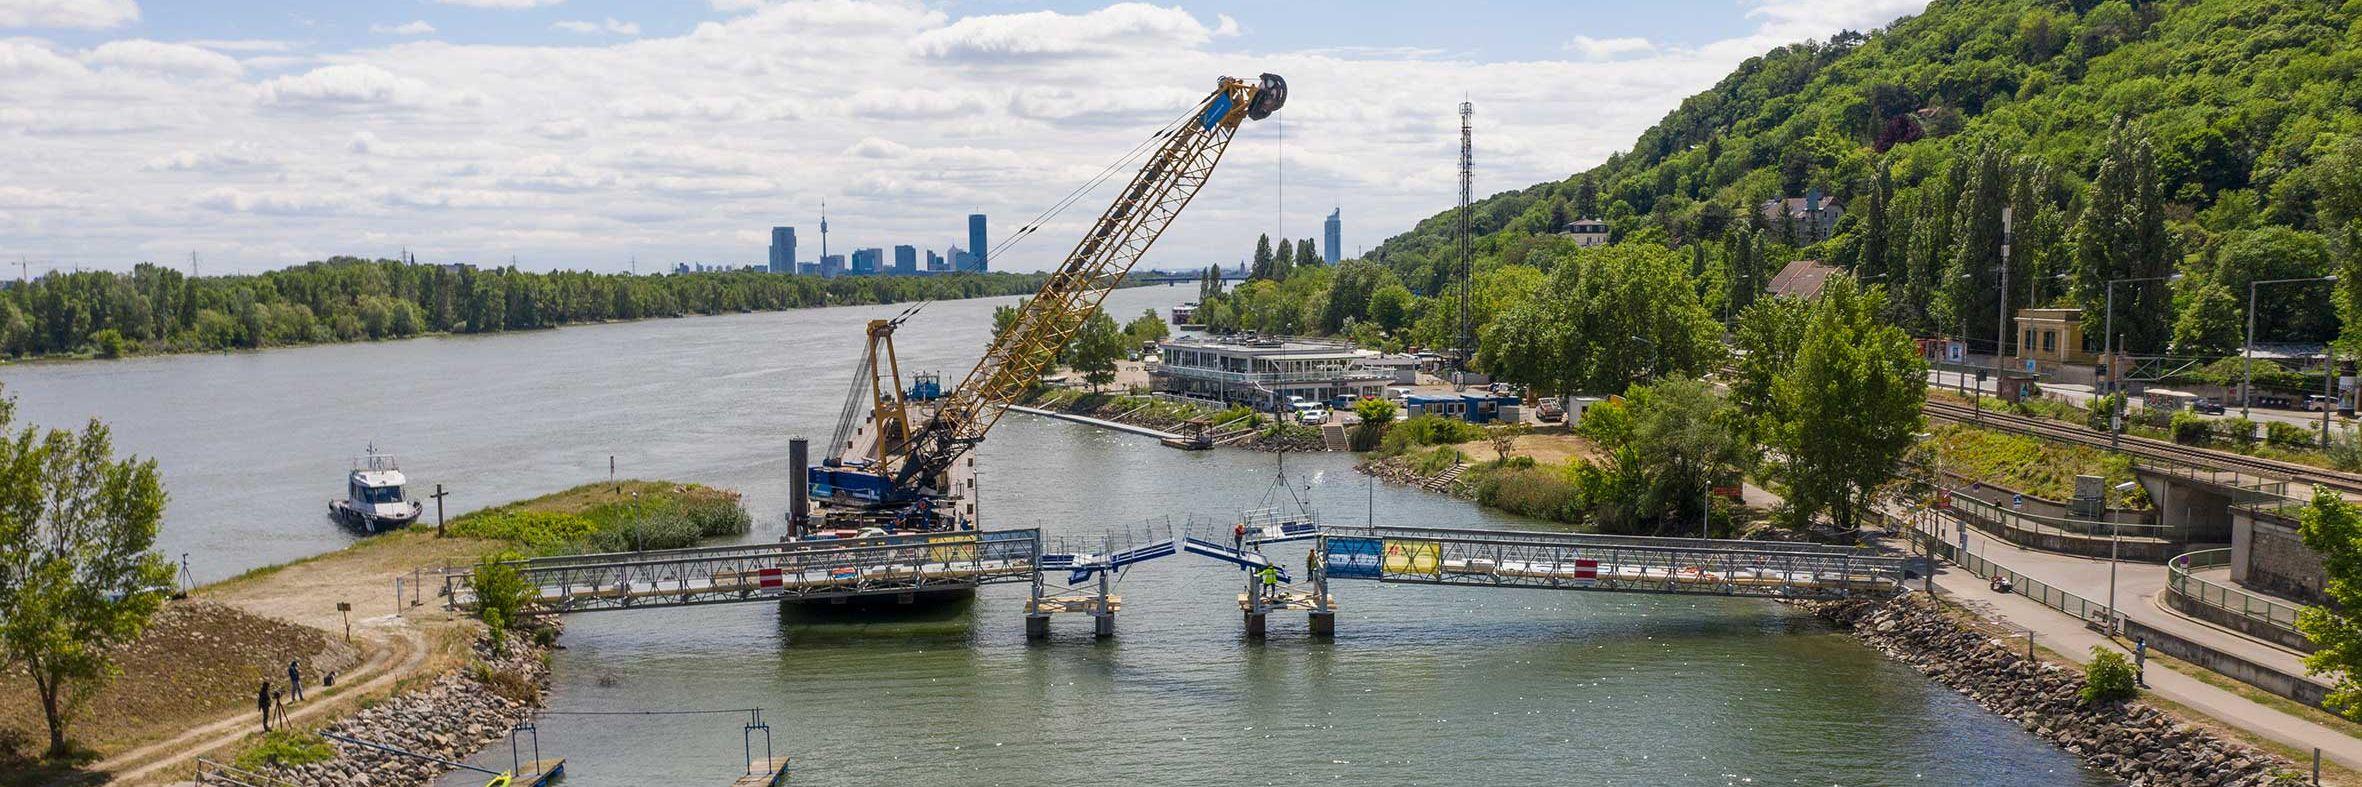 Kranschiff für Brückenbau im Einsatz Slider